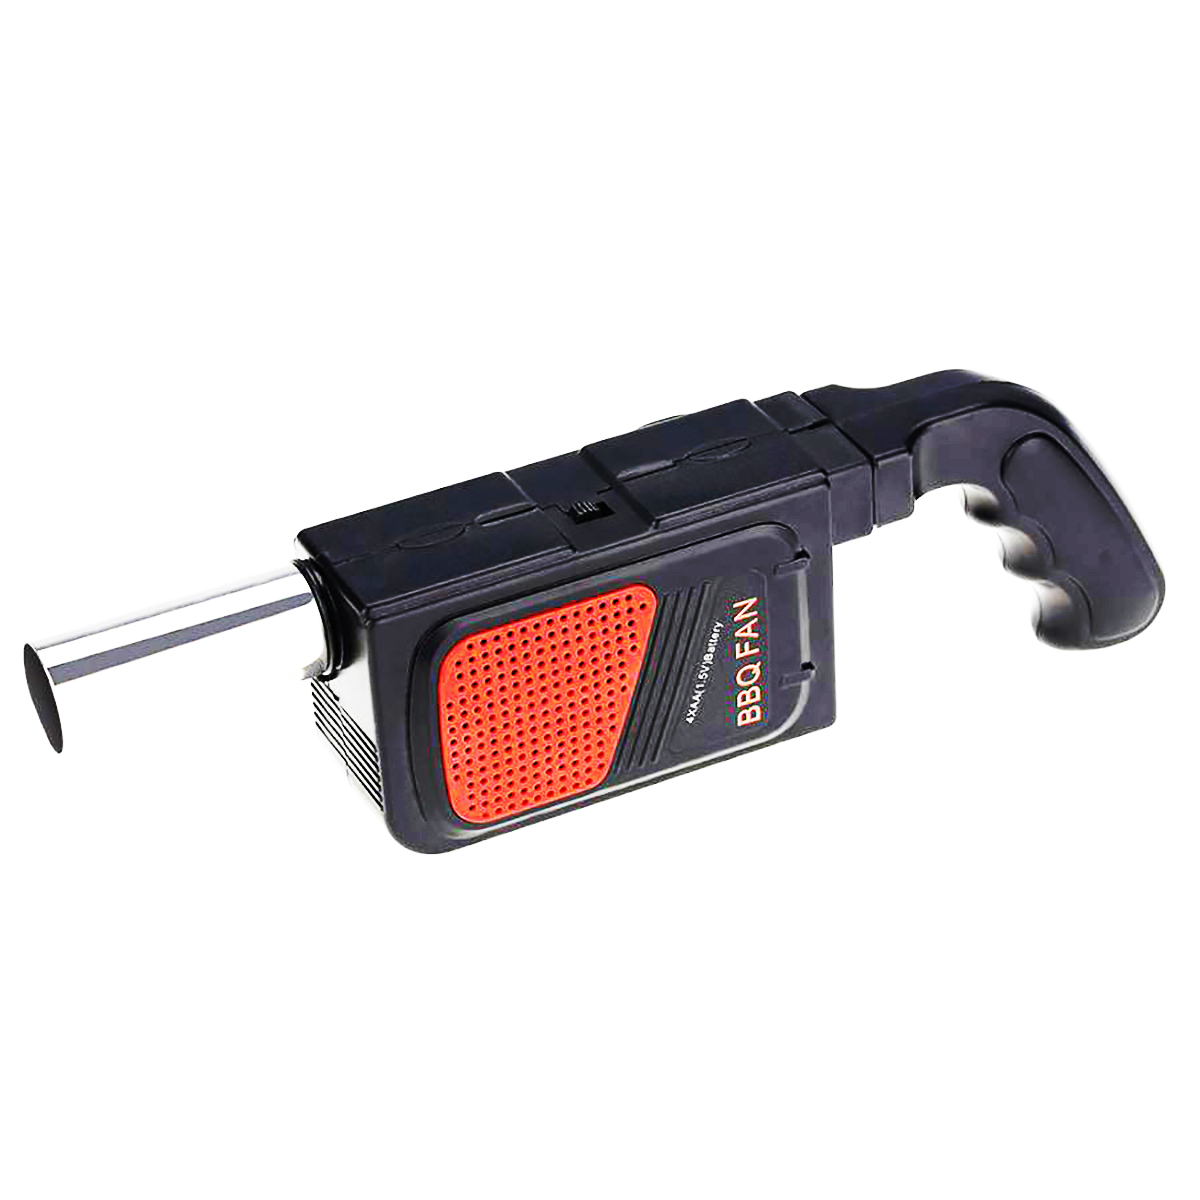 Электрический барбекю вентилятор воздуходувки На открытом воздухе Кемпинг гриль для пикника барбекю огонь Инструмент